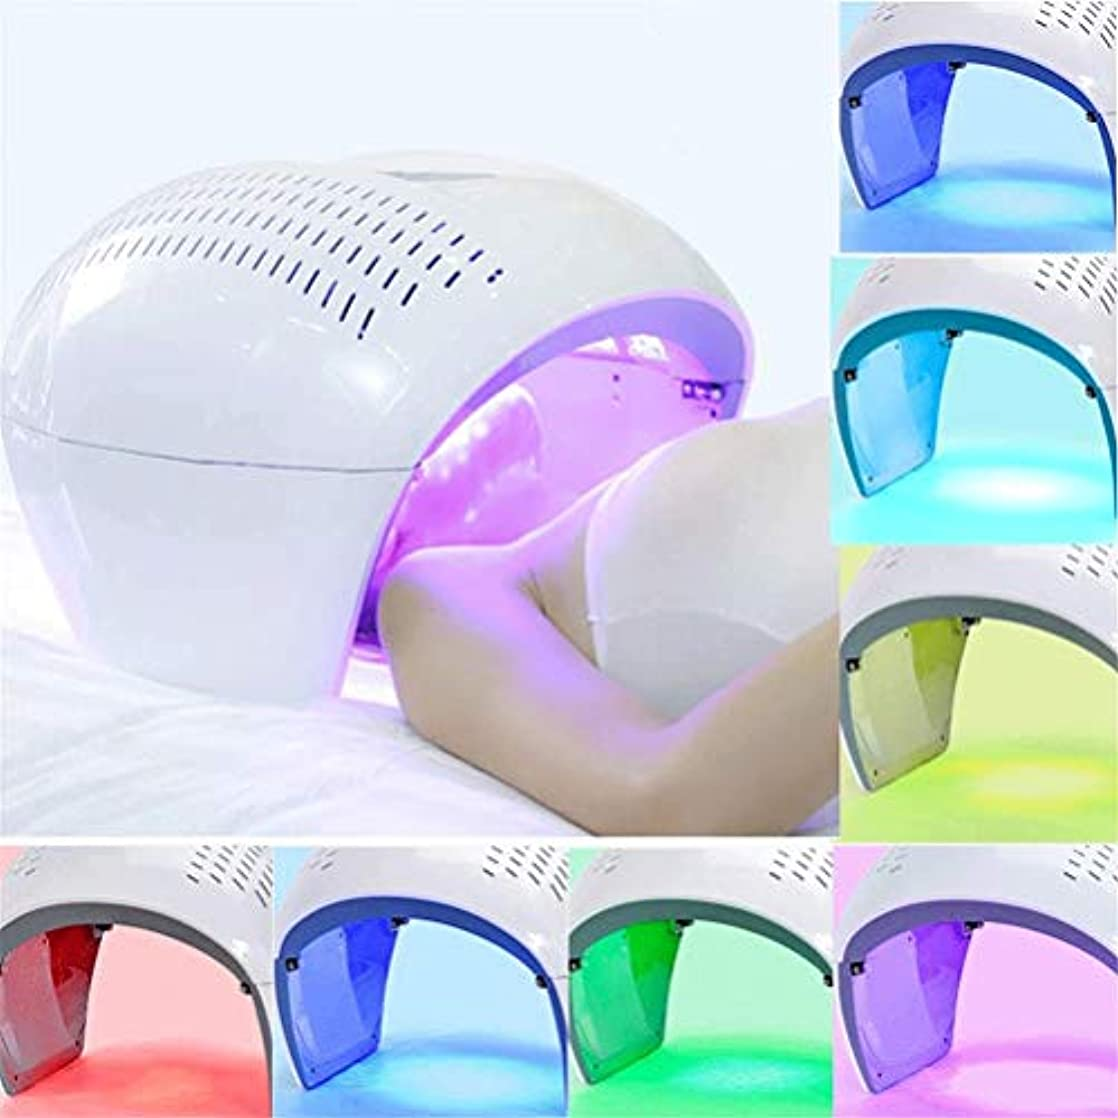 論争的起きて義務付けられた美容機、ホームサロンの使用のためにフェイシャルマスクセラピーライトポータブル光子PDTにきび治療しわ除去アンチエイジング肌の若返りスキンケア美容機LED - 7色の